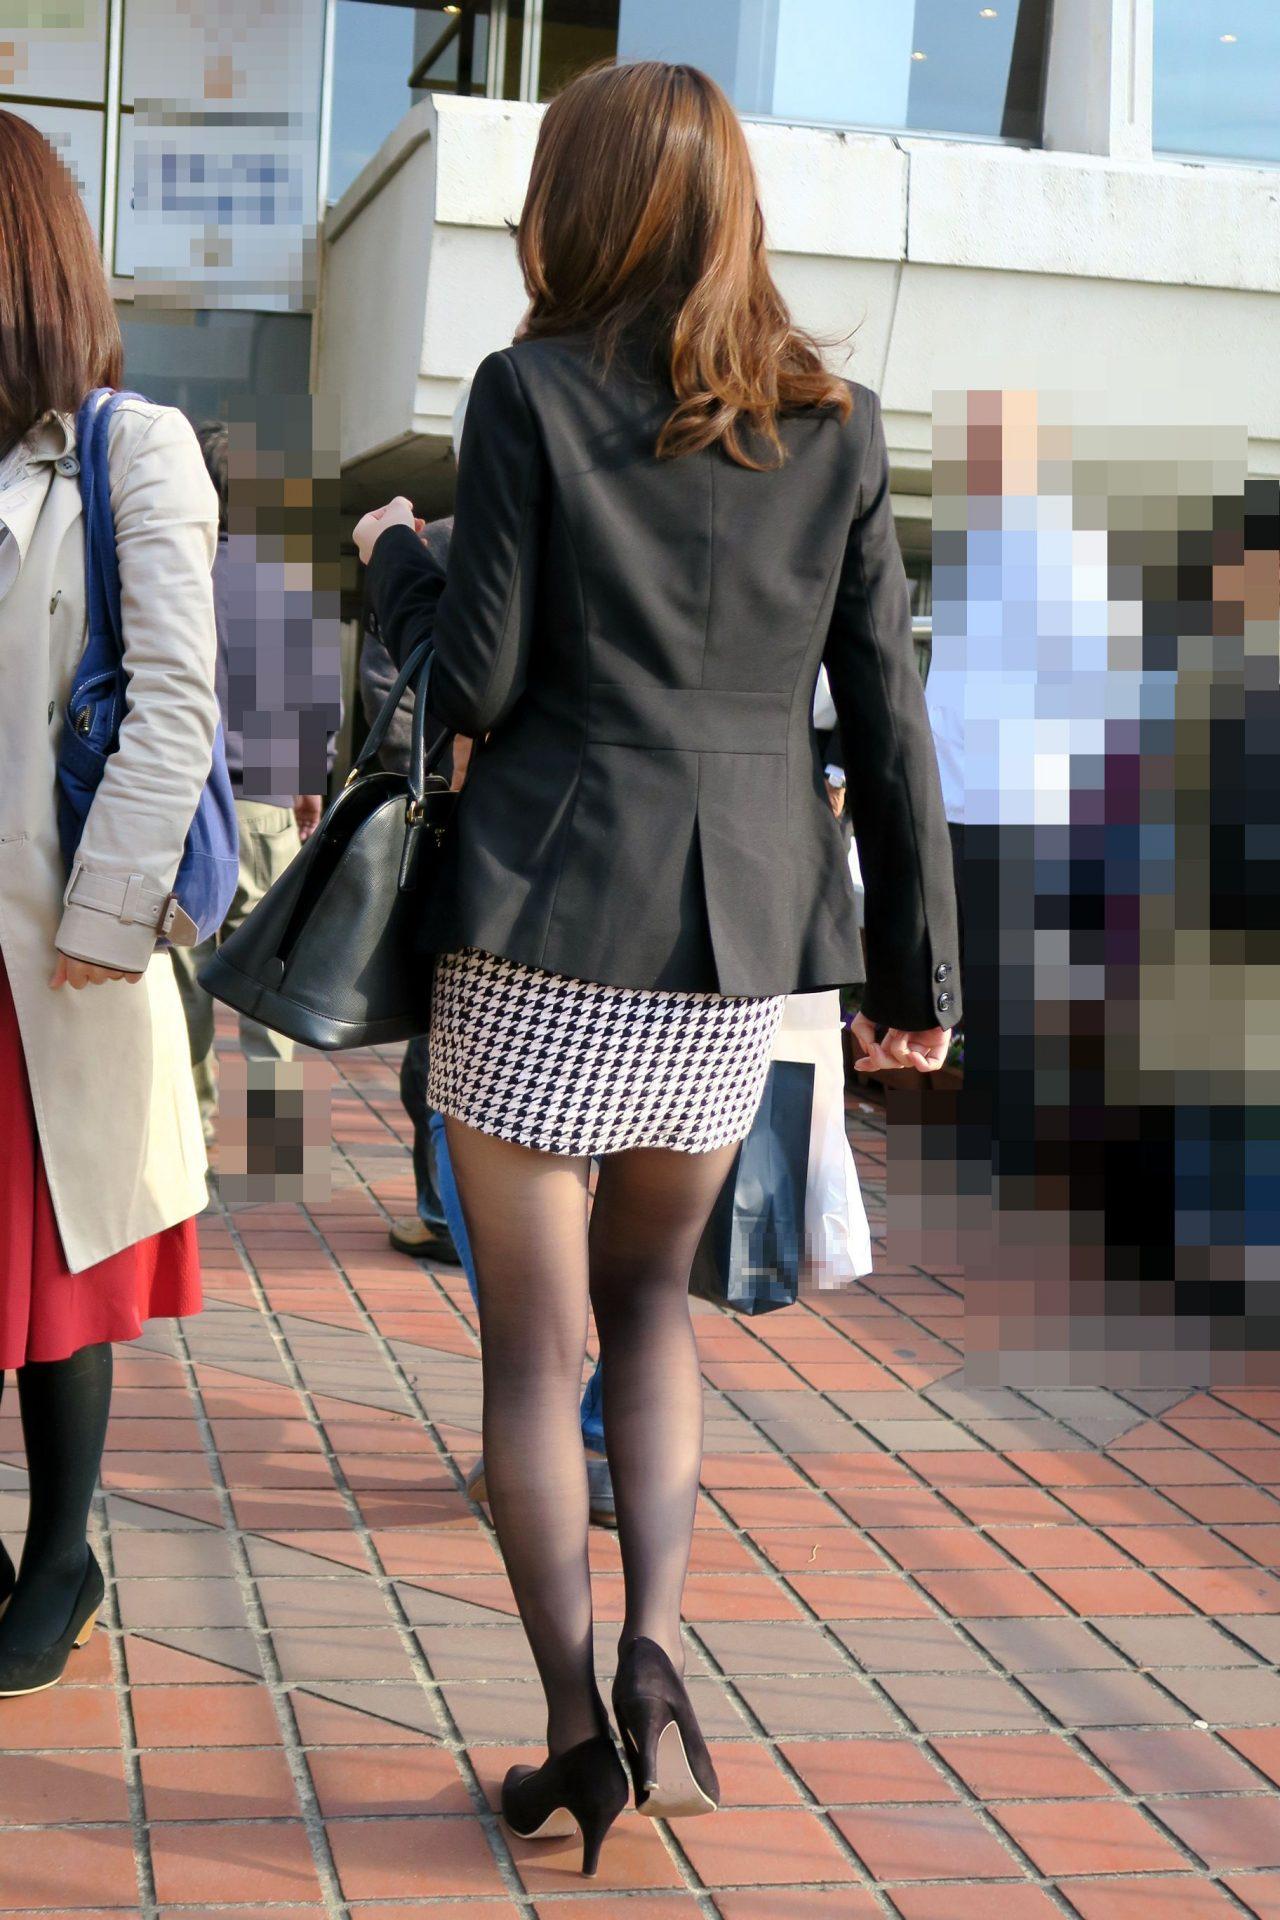 三次元 3次元 エロ画像 黒パンスト 街撮り 素人 美脚  べっぴん娘通信 10